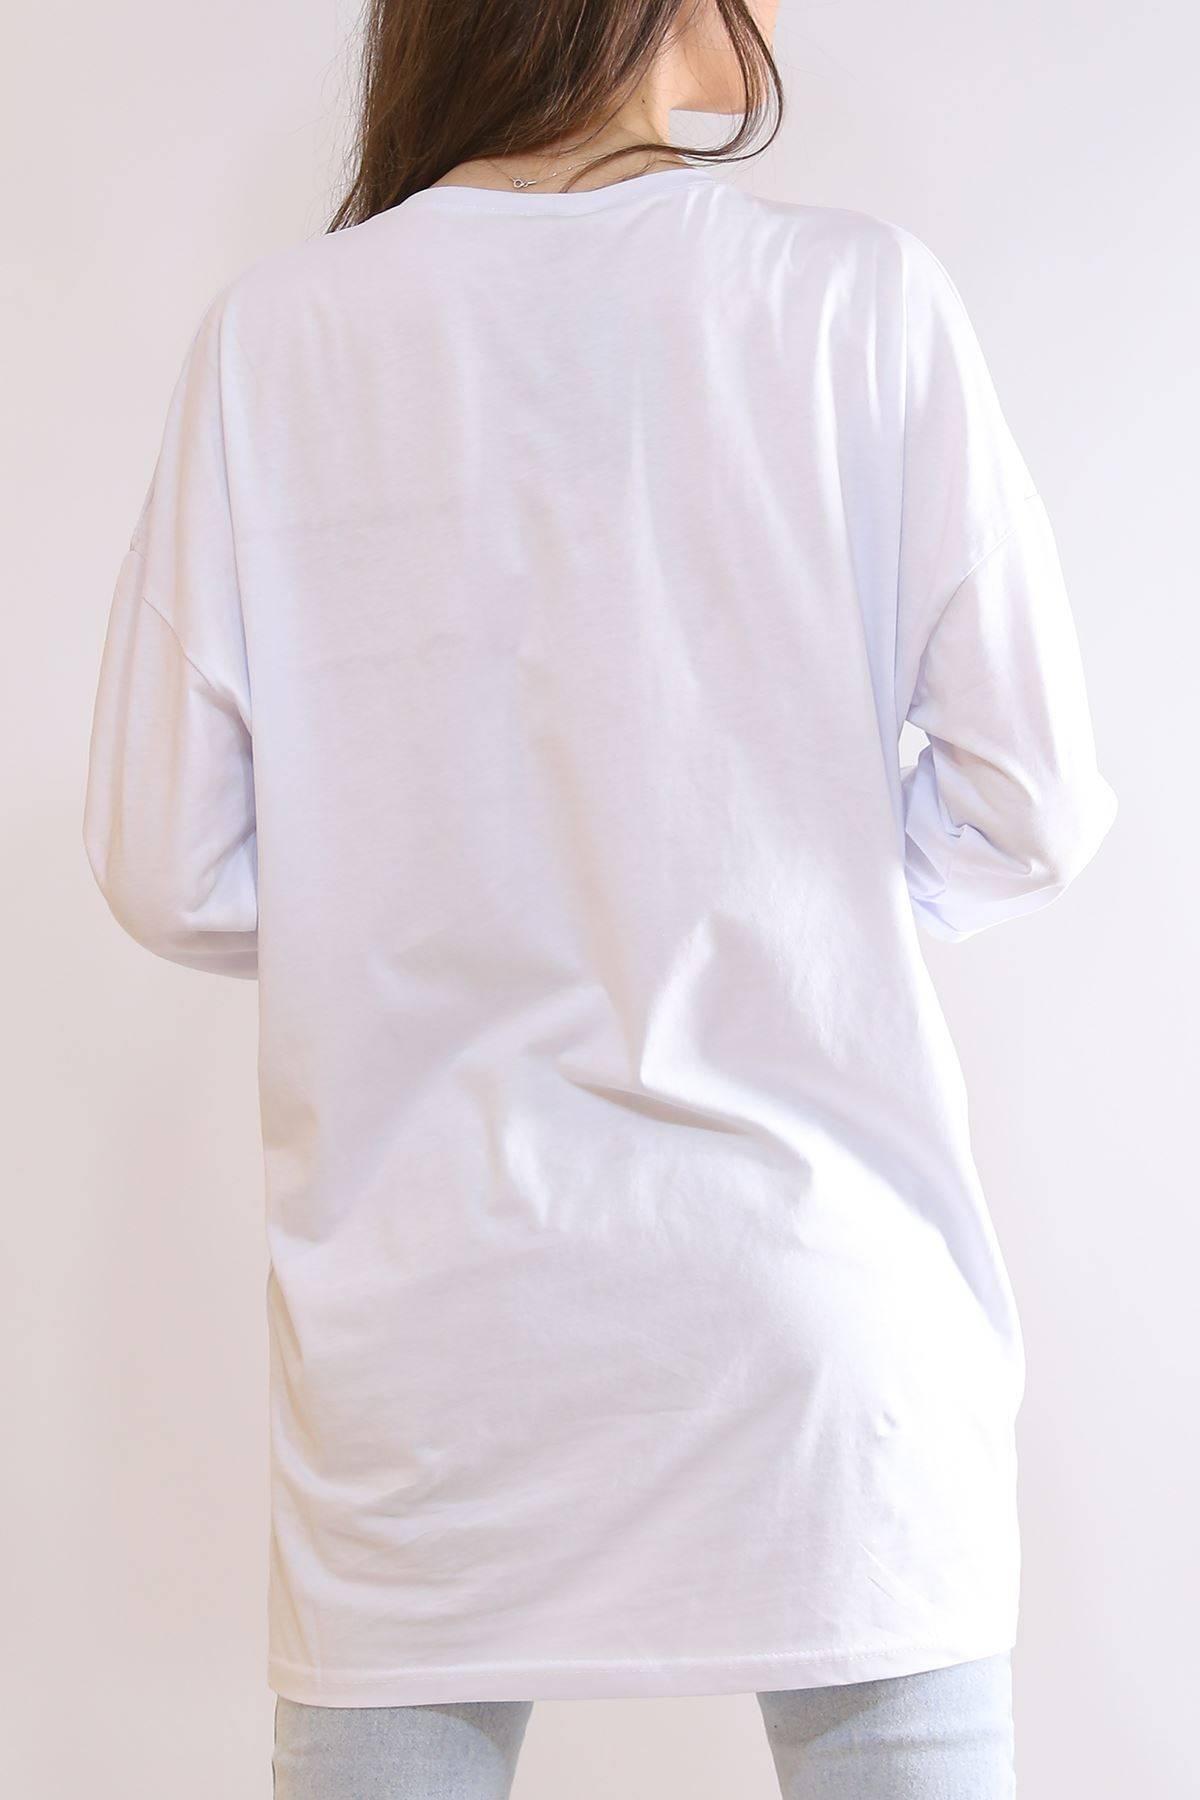 Kapri Kol Tunik Beyaz - 2216.105.